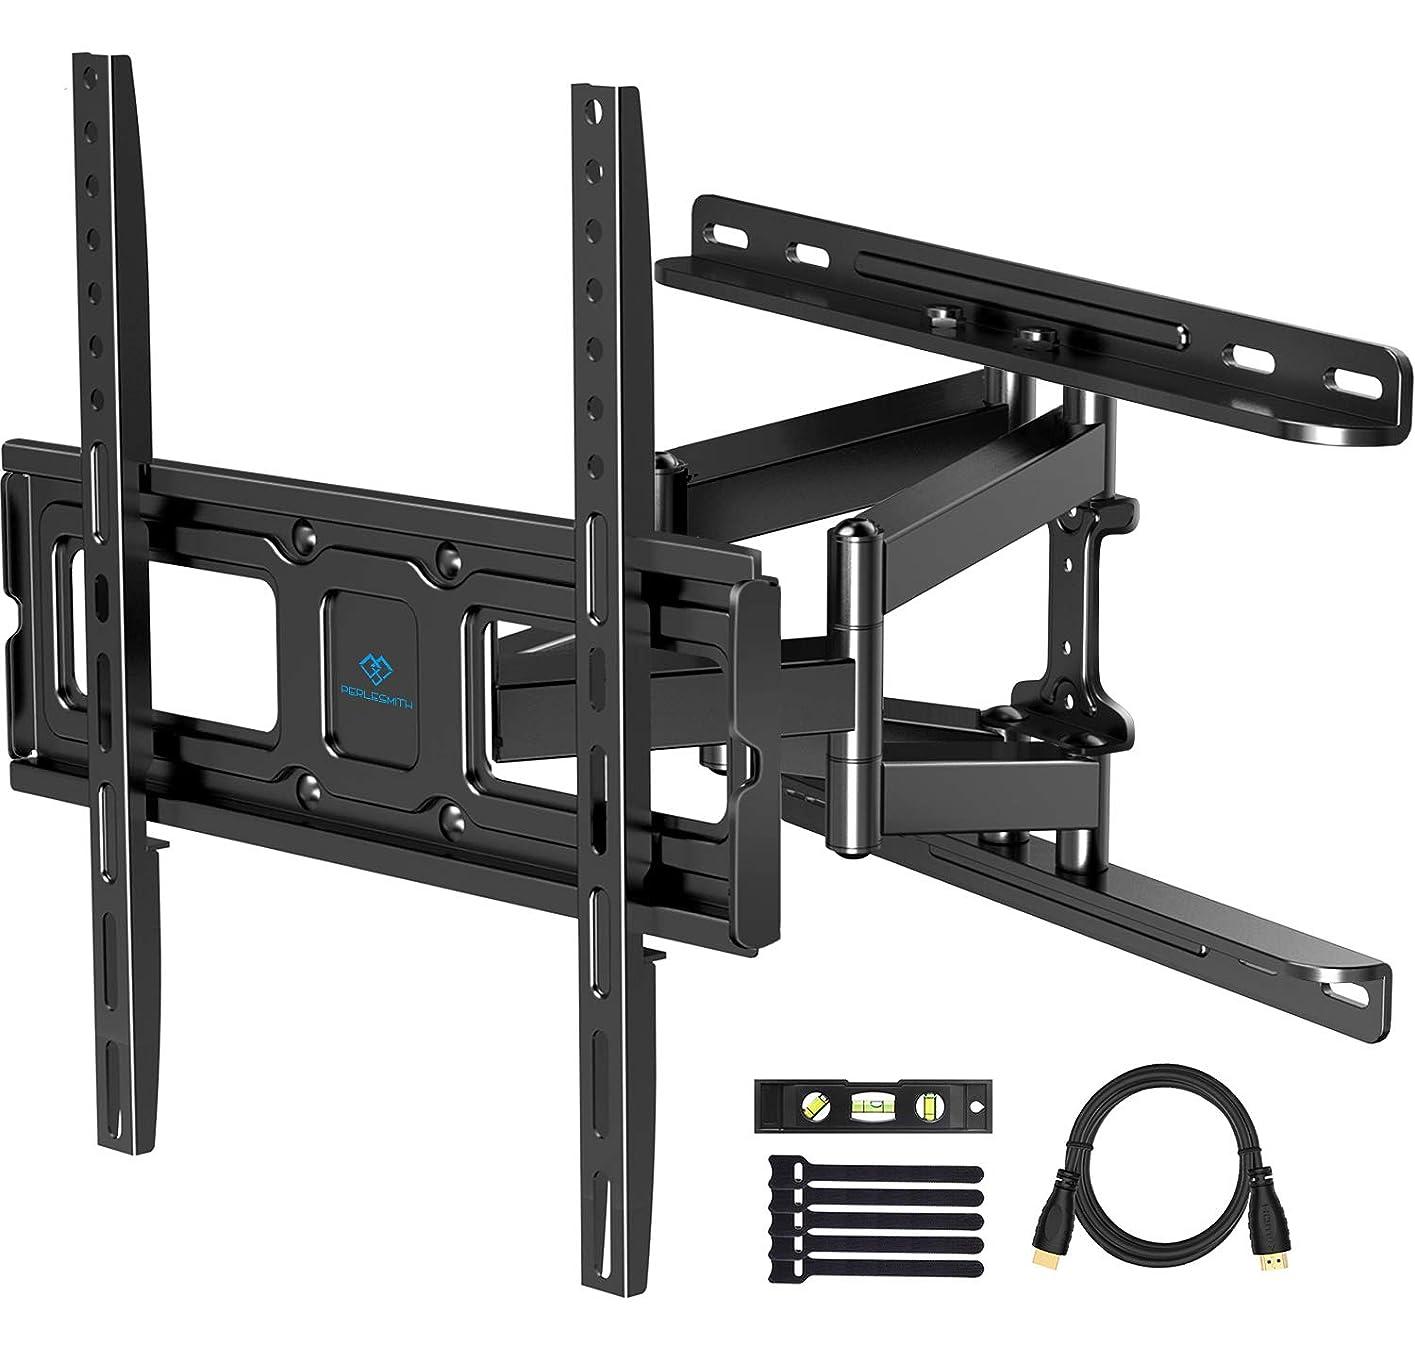 調整可能酸化する活気づけるPERLESMITH テレビ壁マウント フルモーション ほとんどの32~55インチフラット曲面テレビに対応 スイベル、傾き、拡張機能付き デュアル関節式アーム ウォールマウント テレビブラケット 最大99ポンドのテレビに対応 VESA 400x400